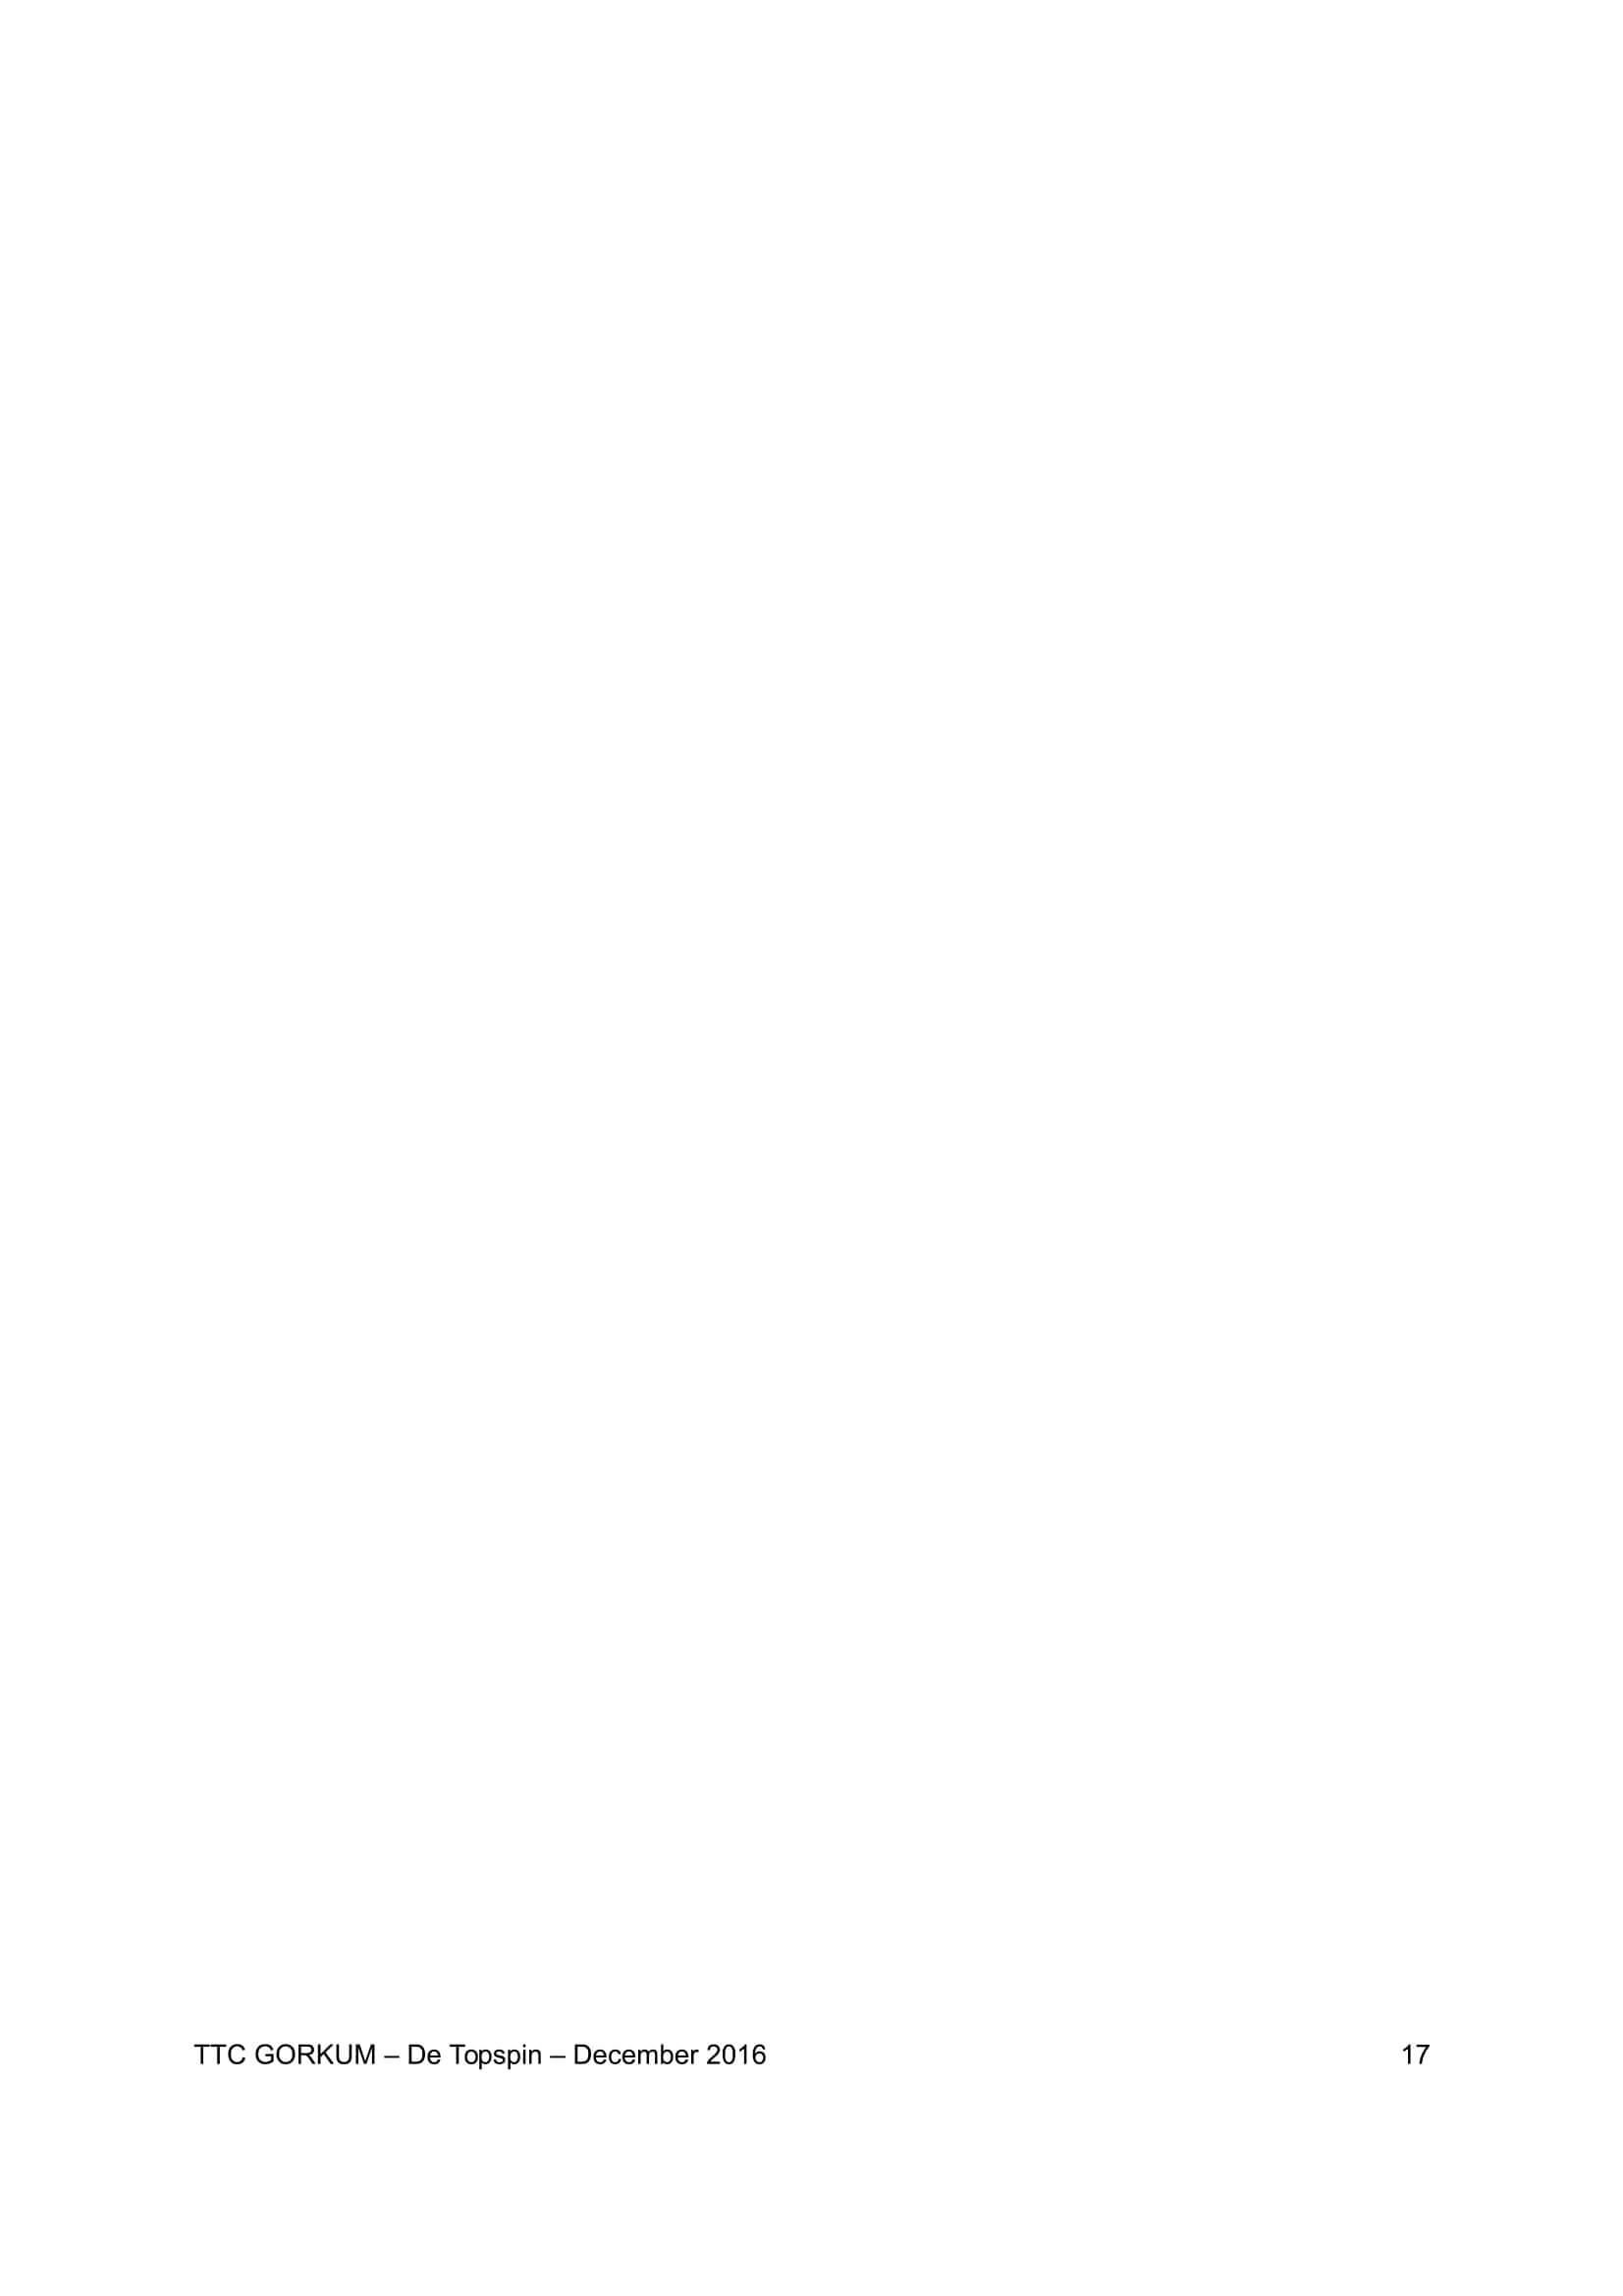 Topspin-2016-december-17